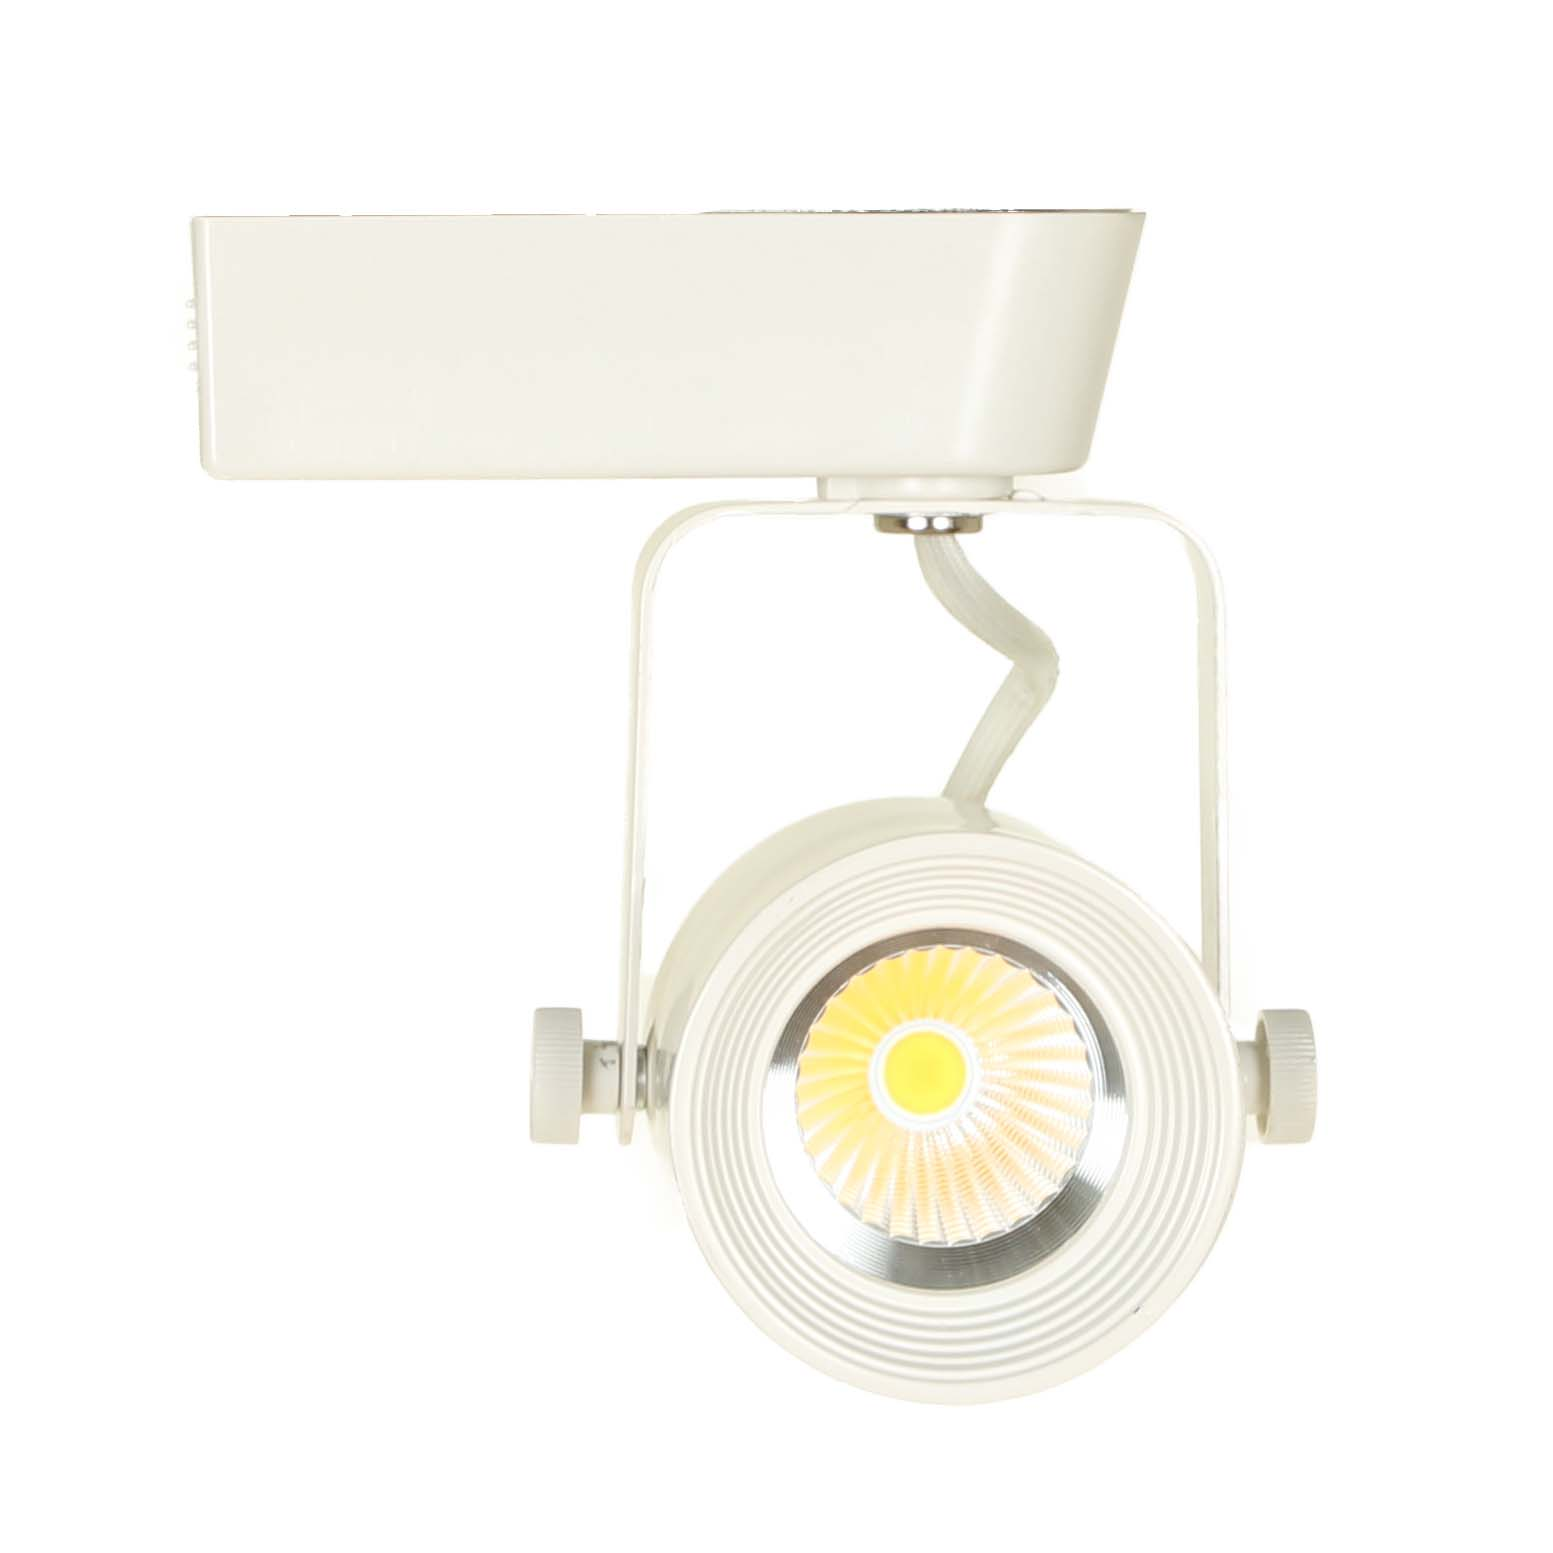 directional track lighting. led track lighting kit ht60088 white directional